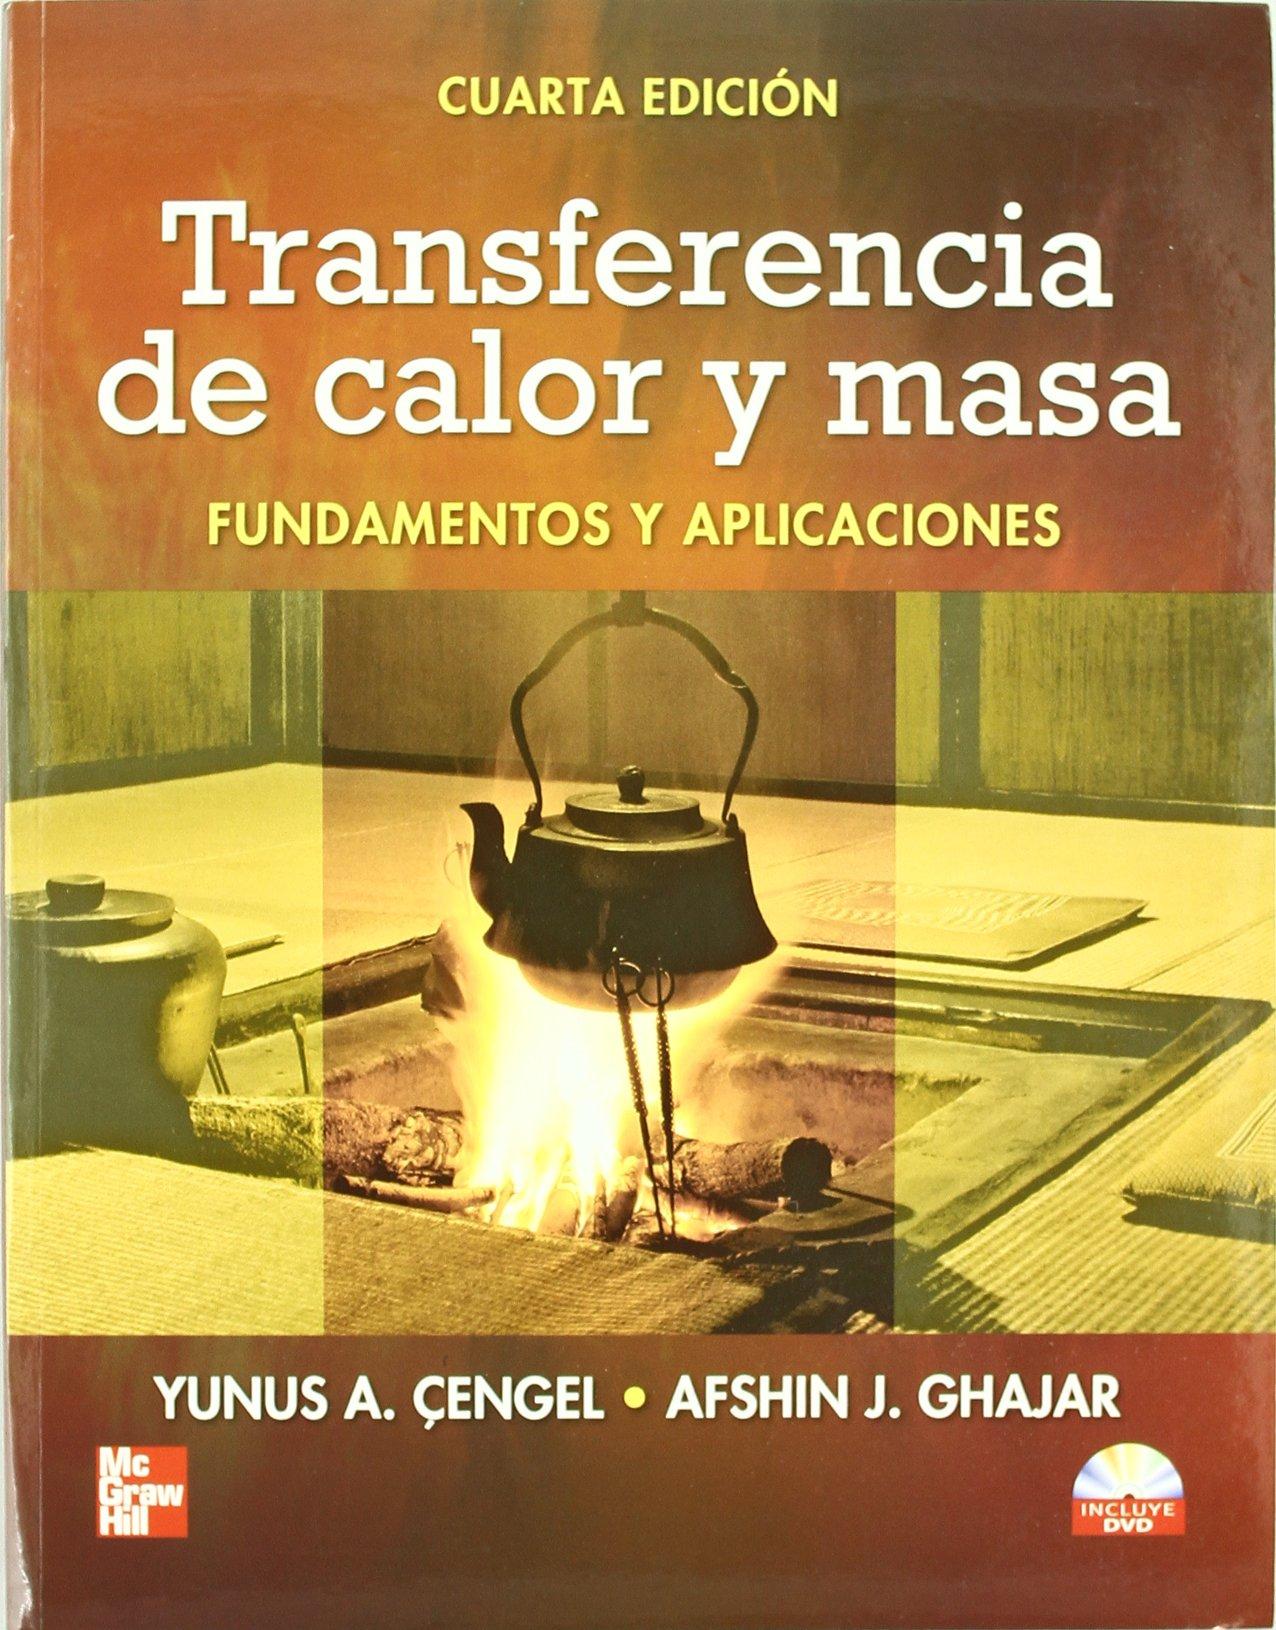 TRANSFERENCIA DE CALOR Y MASA FUNDAMENTOS Y APLICACIONES [Mar 30, 2011] Cengel, Yunus and Ghajar, Afshin pdf